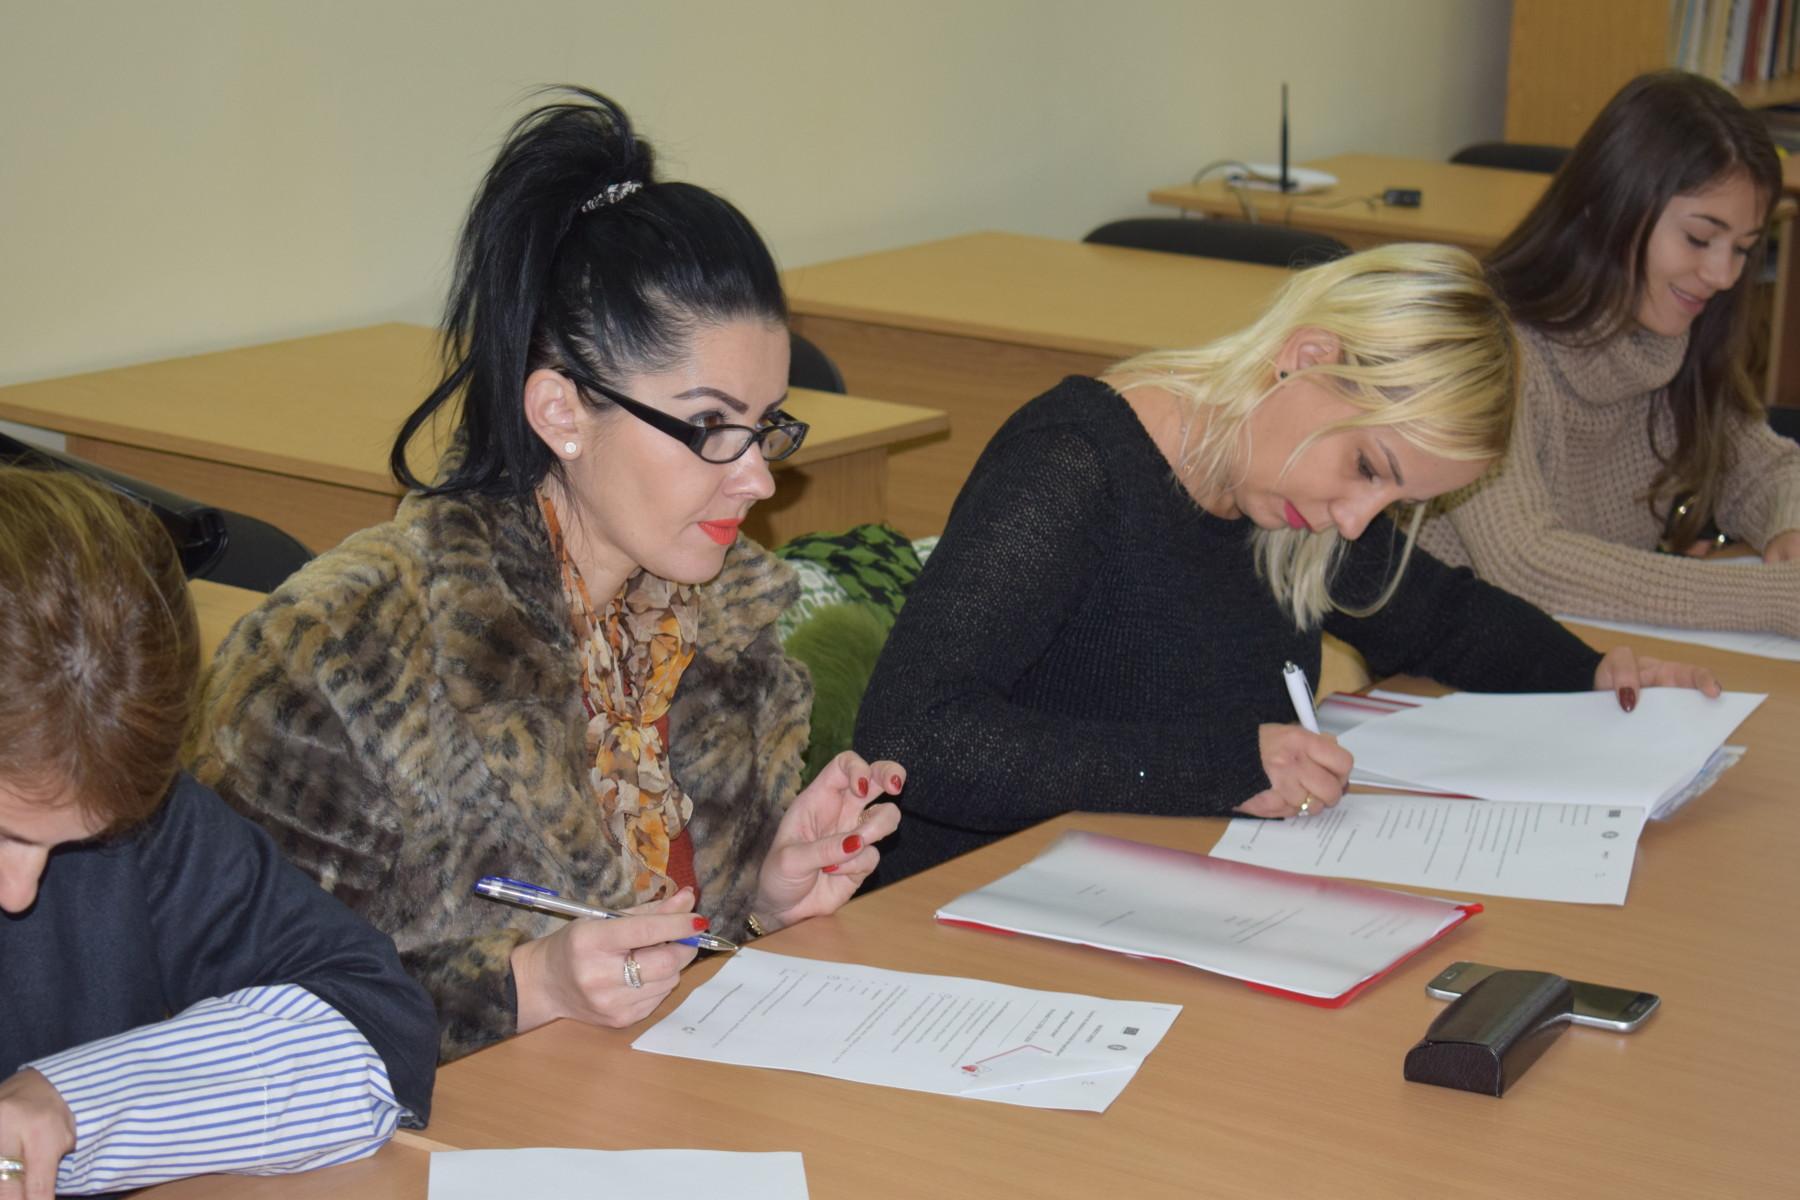 cursuri de manageri resurse umane Petrosani